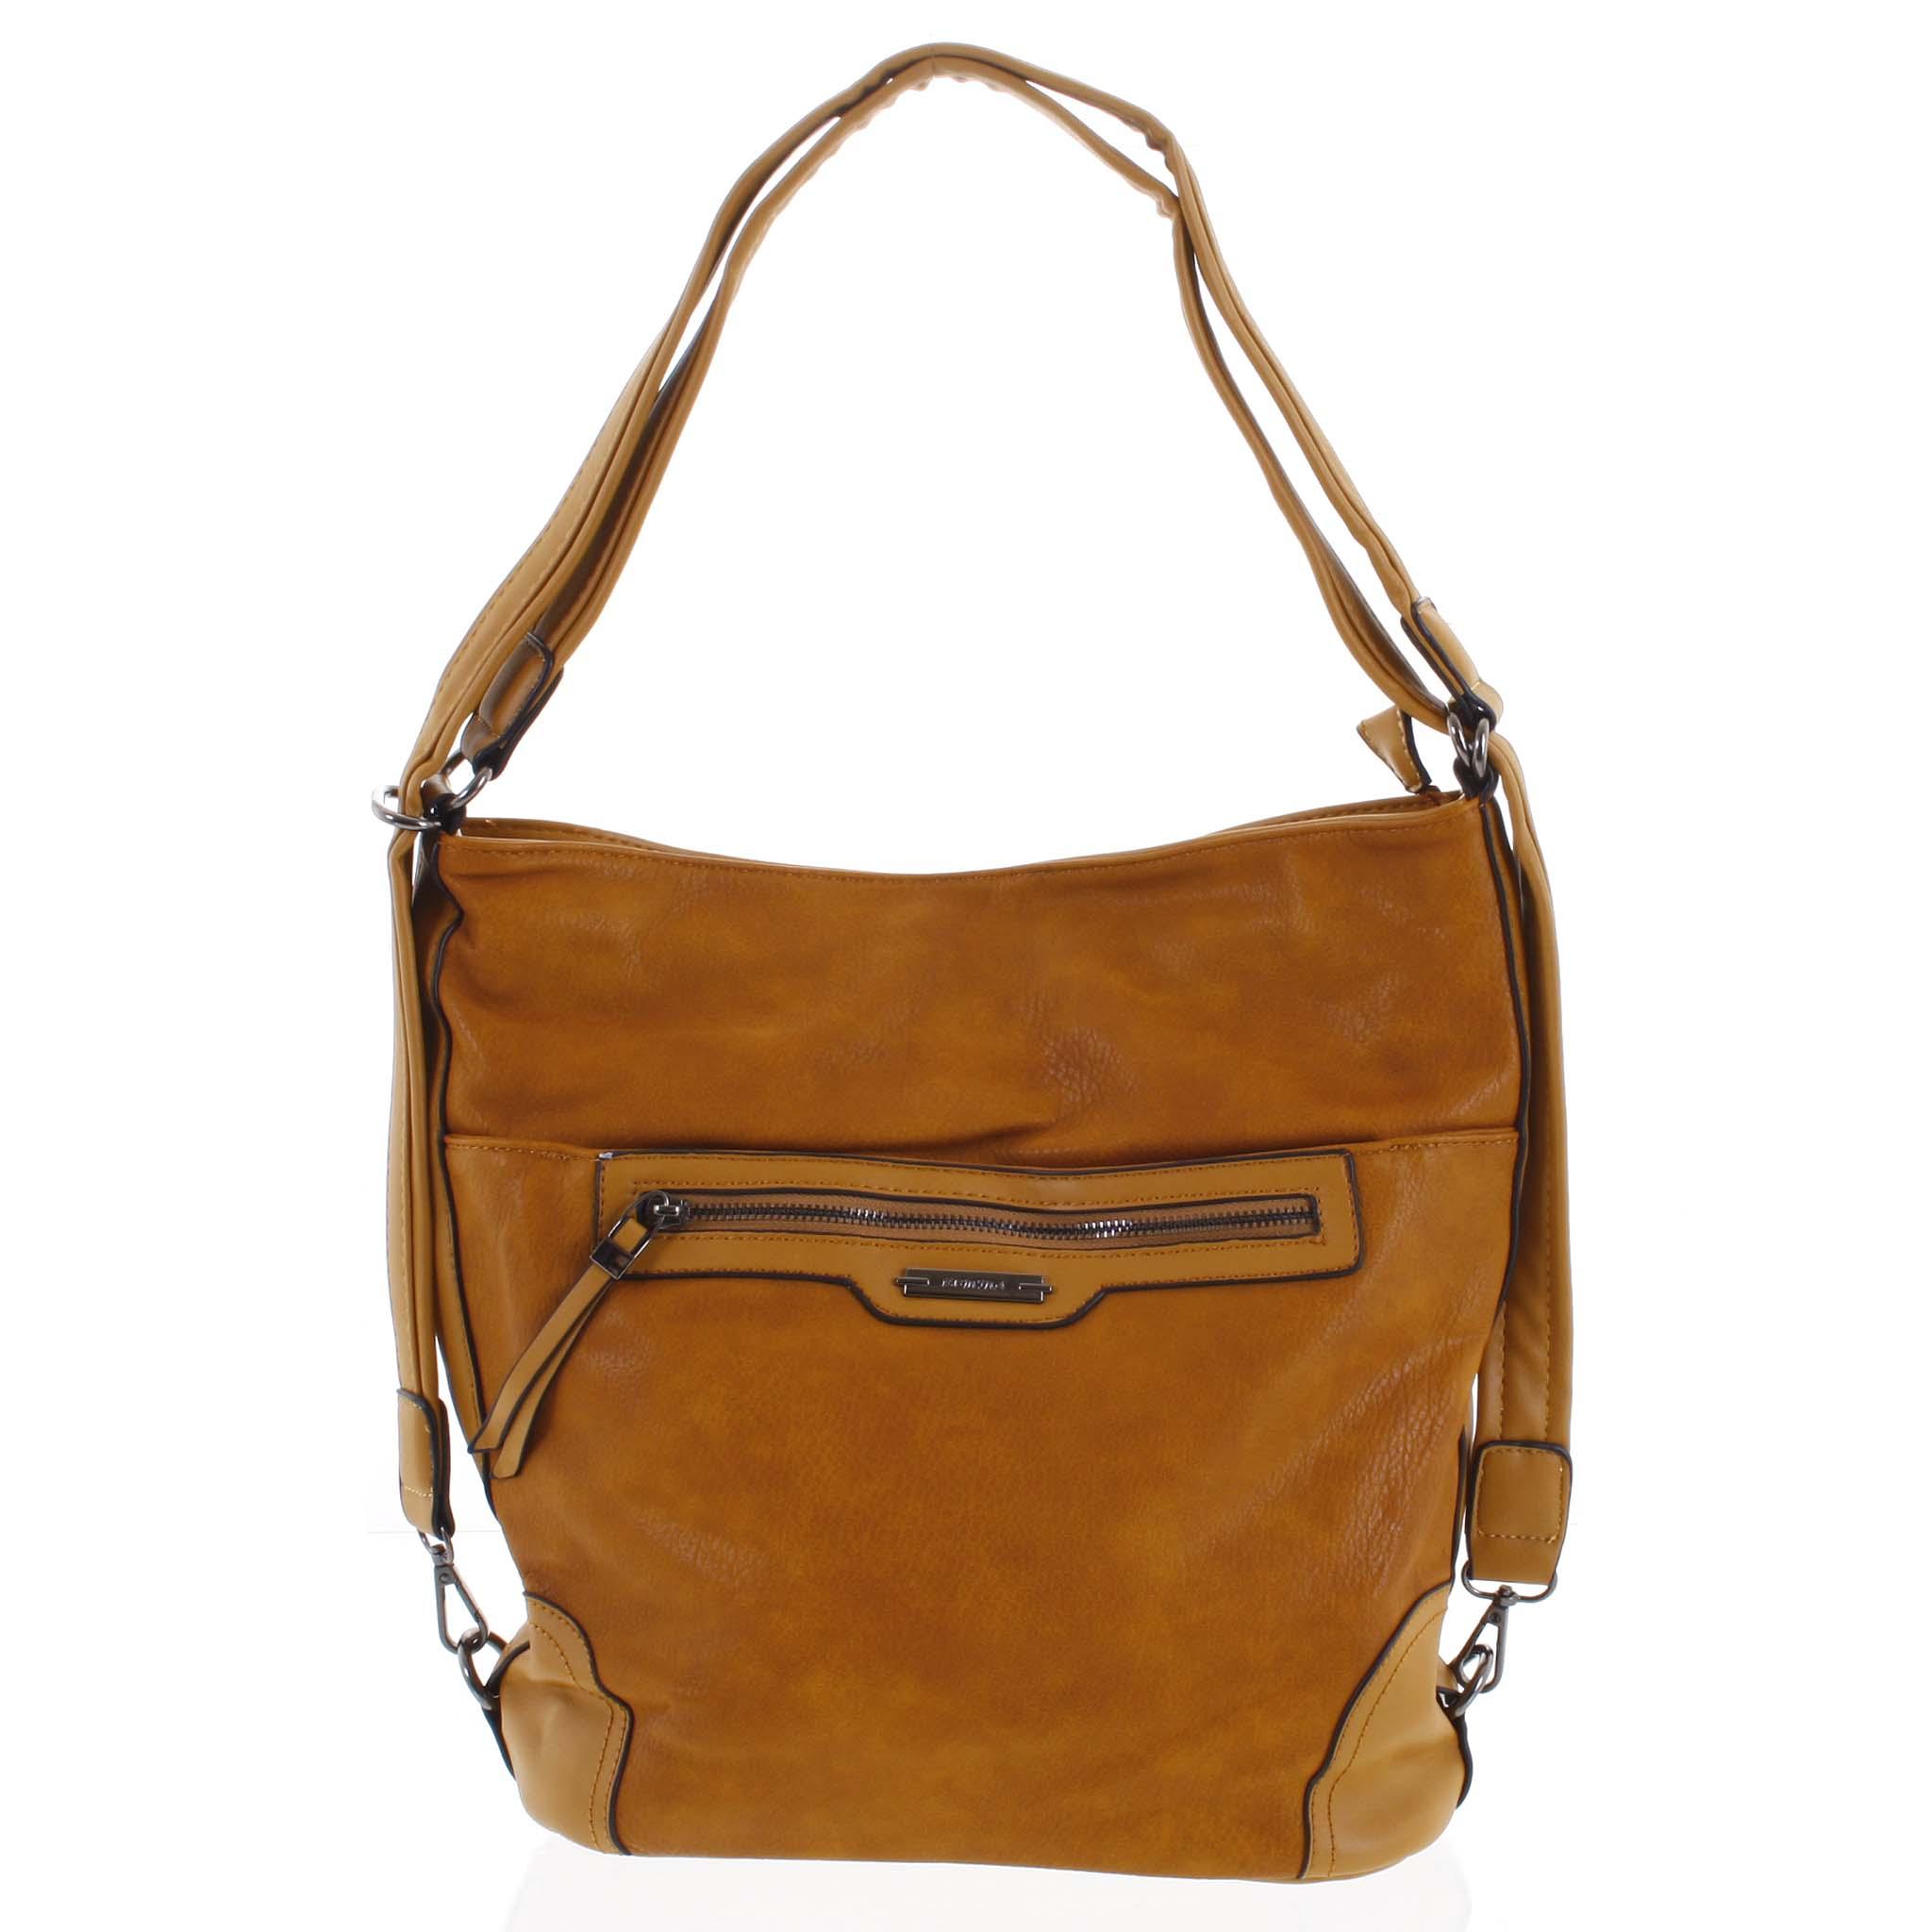 Dámska kabelka batoh tmavo žltá - Romina Zilla